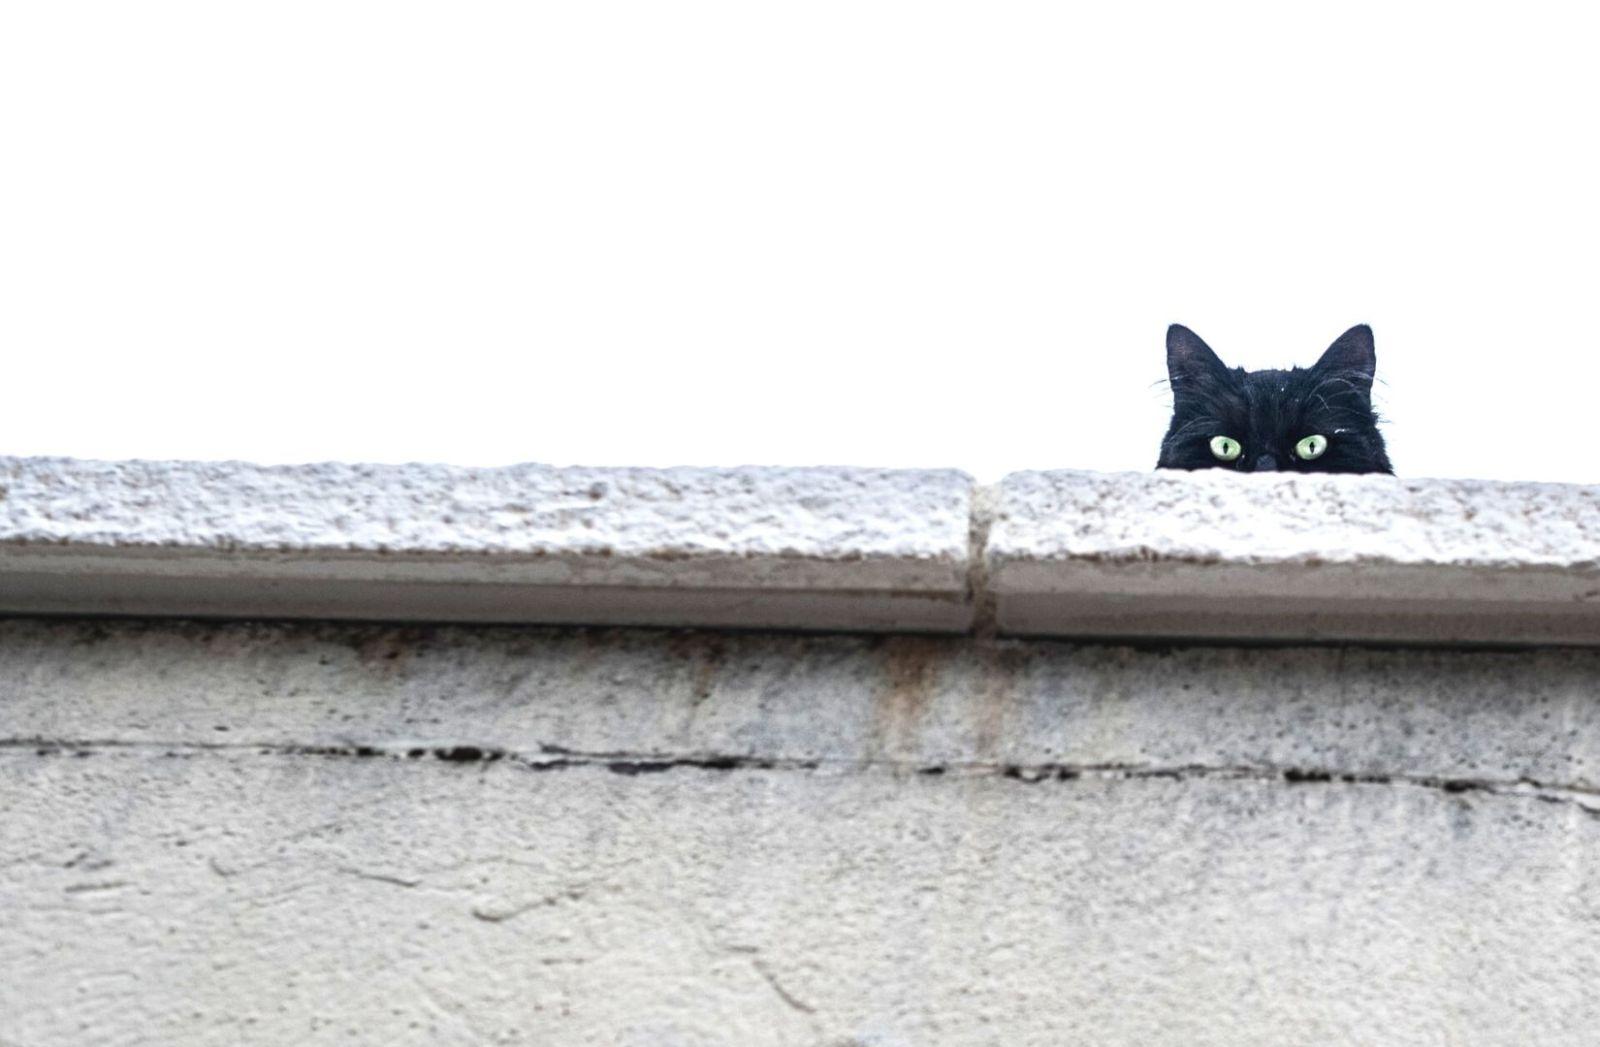 Regime Change ist ein Mittel aggressiver Politik. Misstrauen ist angeraten. (Symbolfoto: Clément Falize, Unsplash.com)